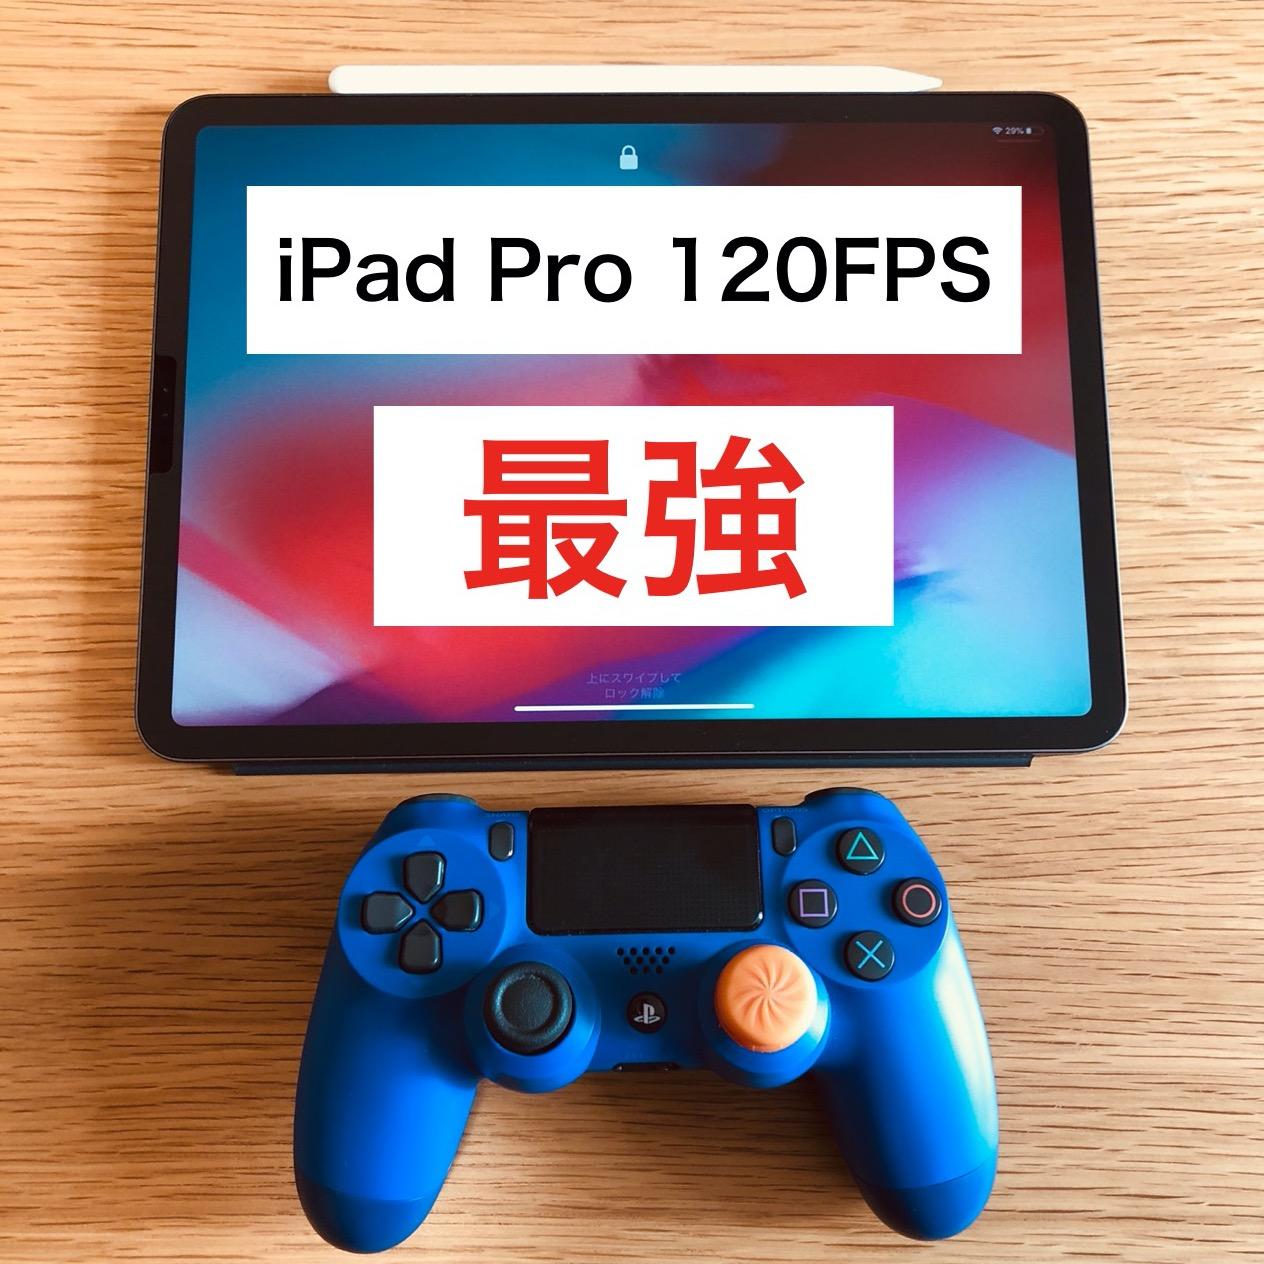 iPadProで120FPS